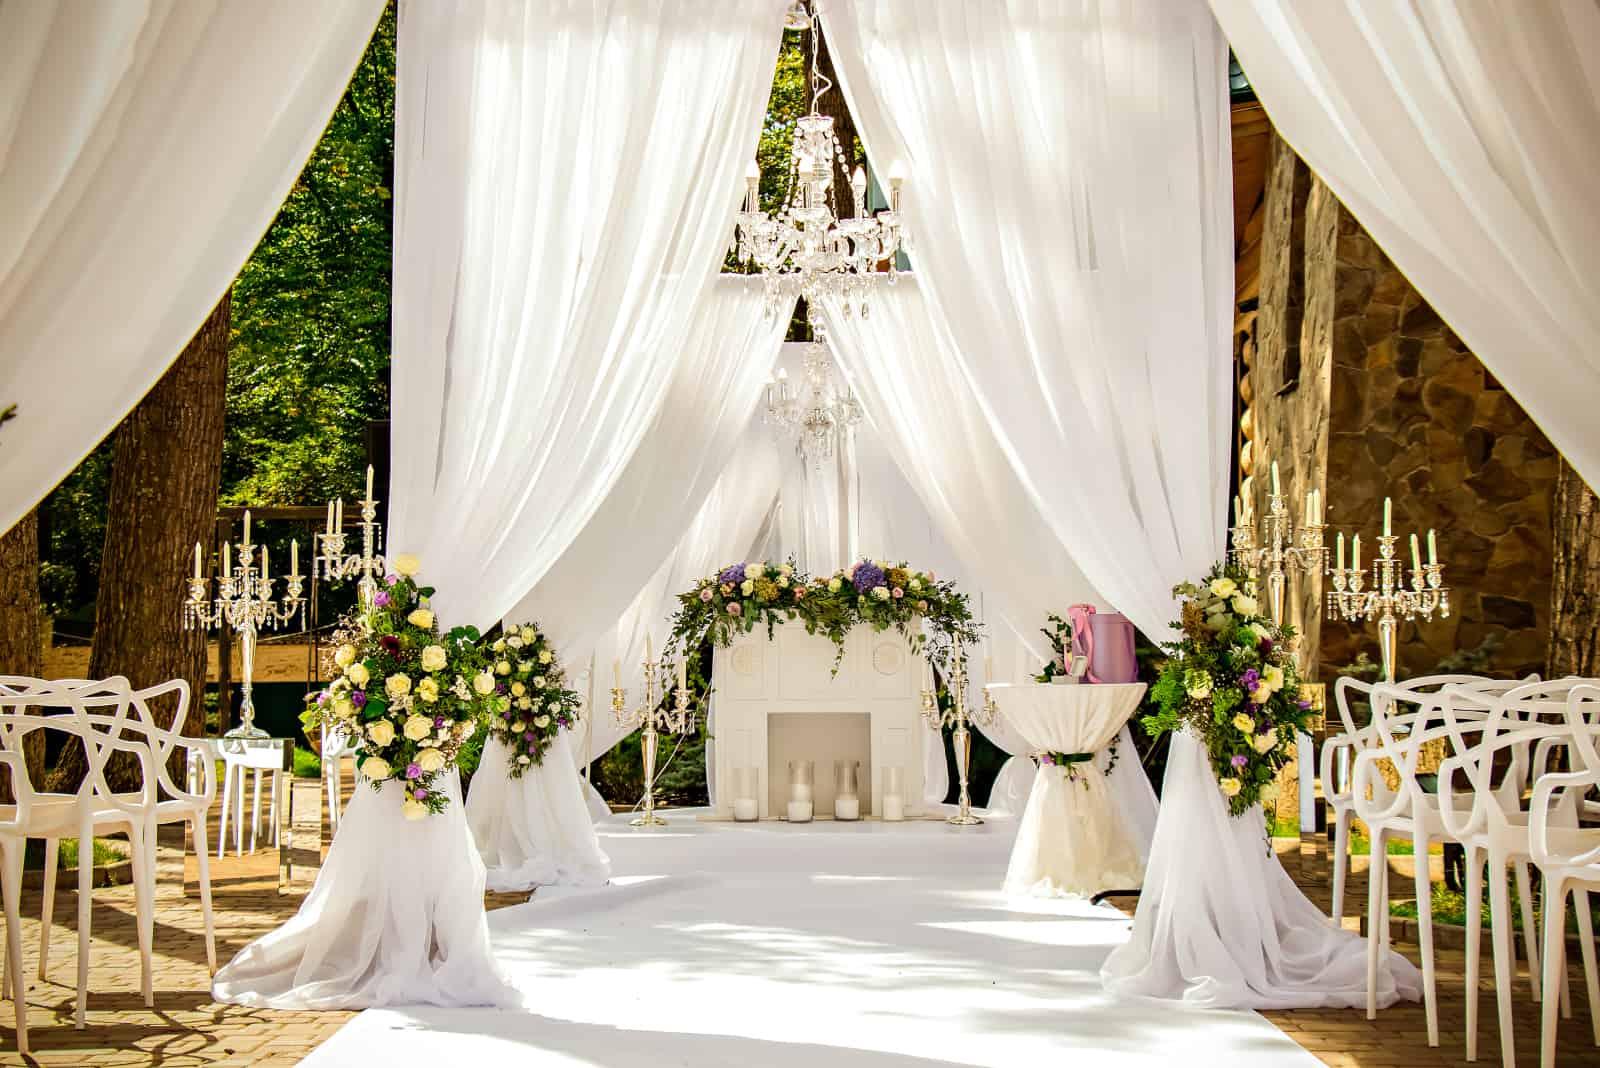 wunderschön dekorierte Hochzeit im Freien